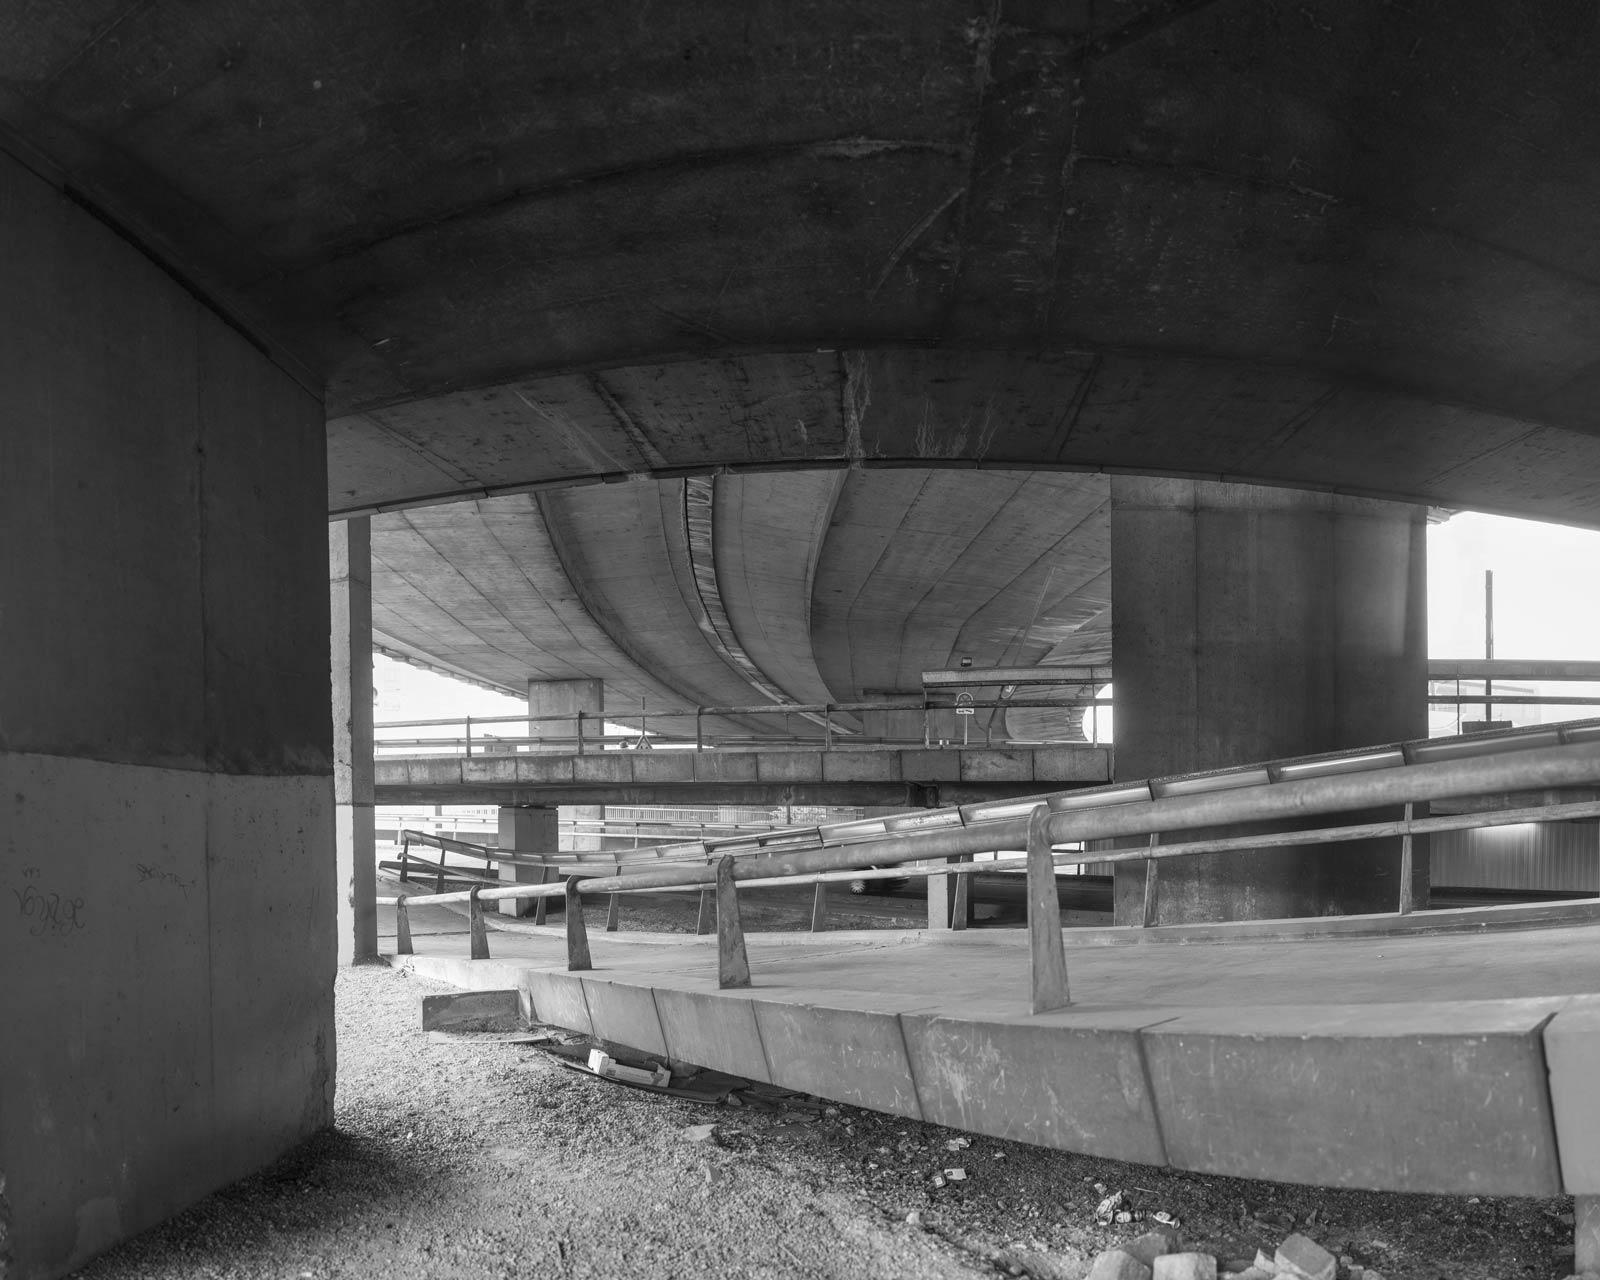 typologie-du-beton_04_ludovic-maillard